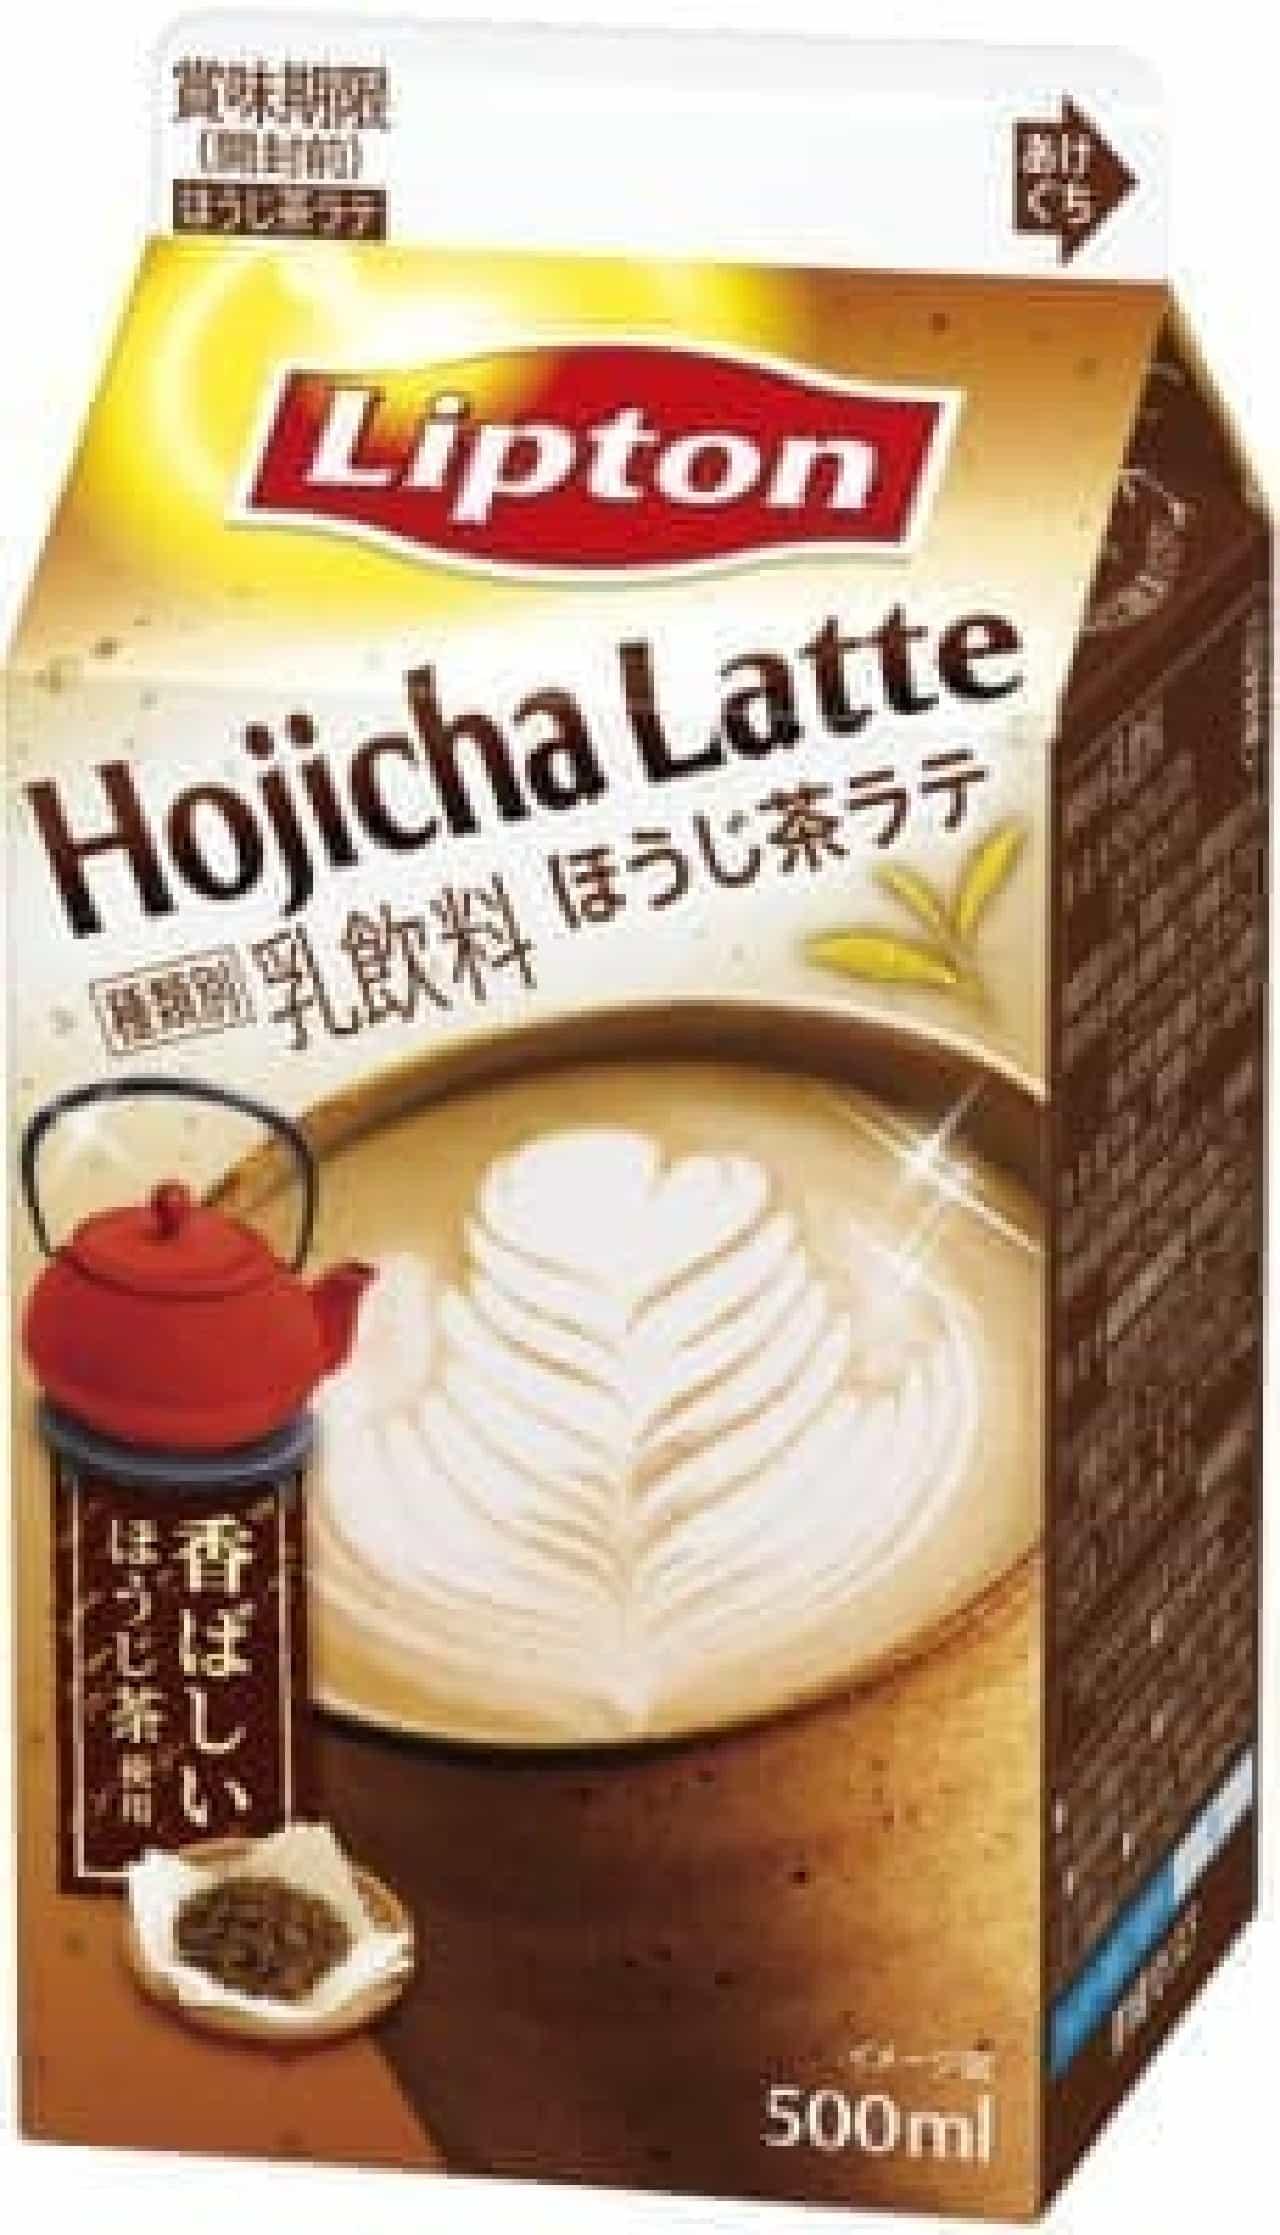 リプトン「ほうじ茶ラテ」登場!